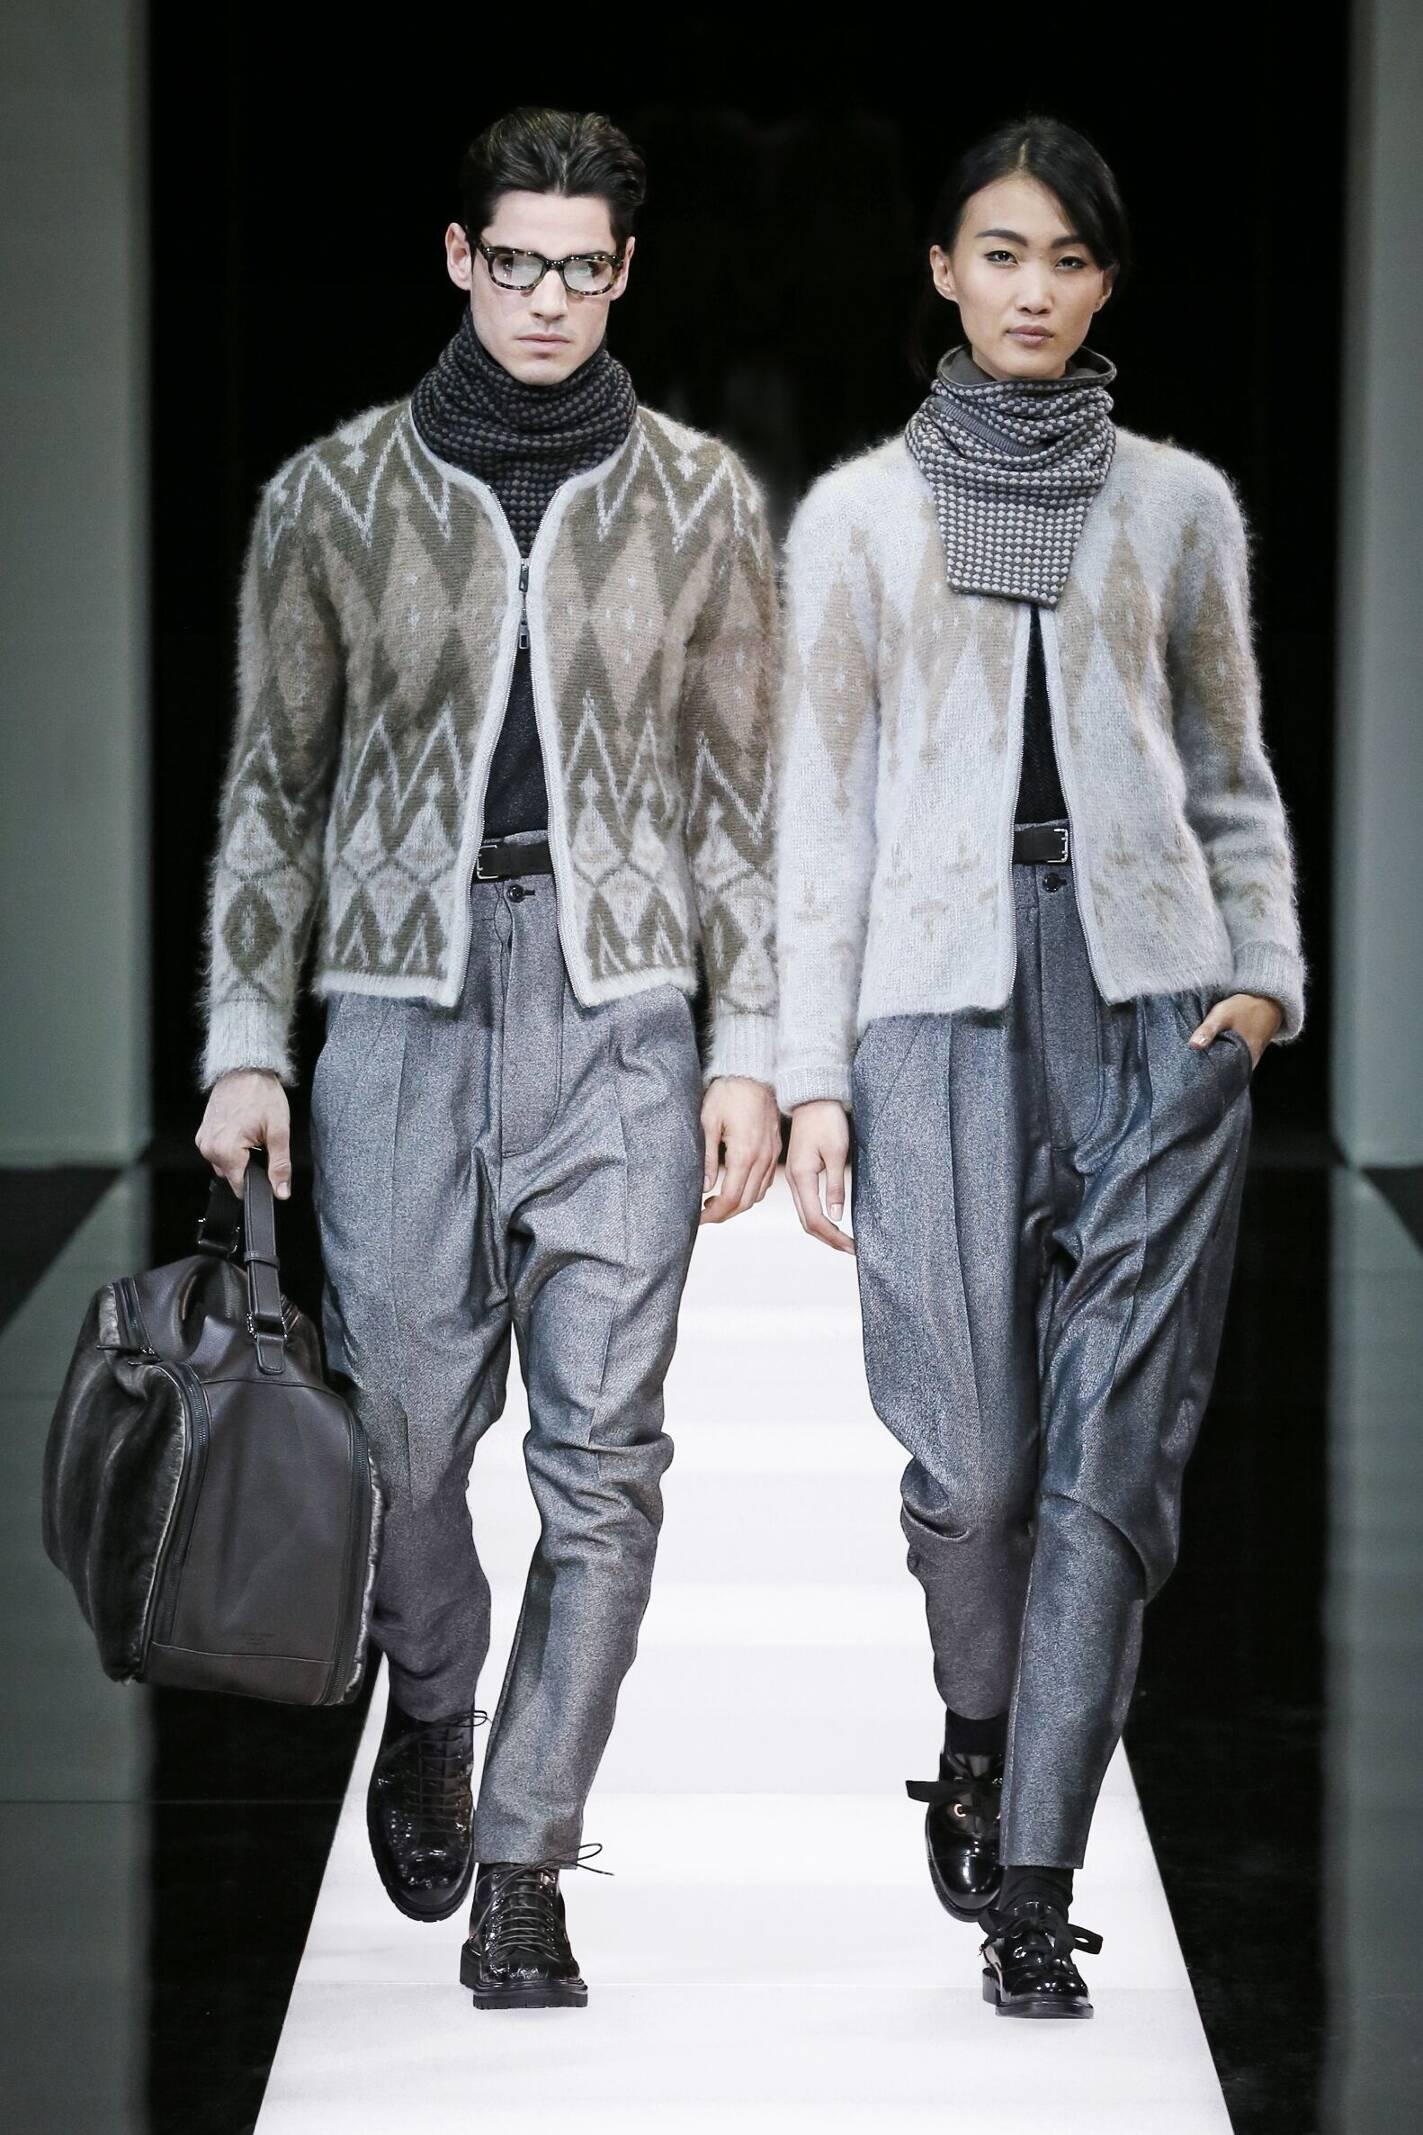 e5ddfc0833d Fall Winter 2015 16 Fashion Collection Giorgio Armani